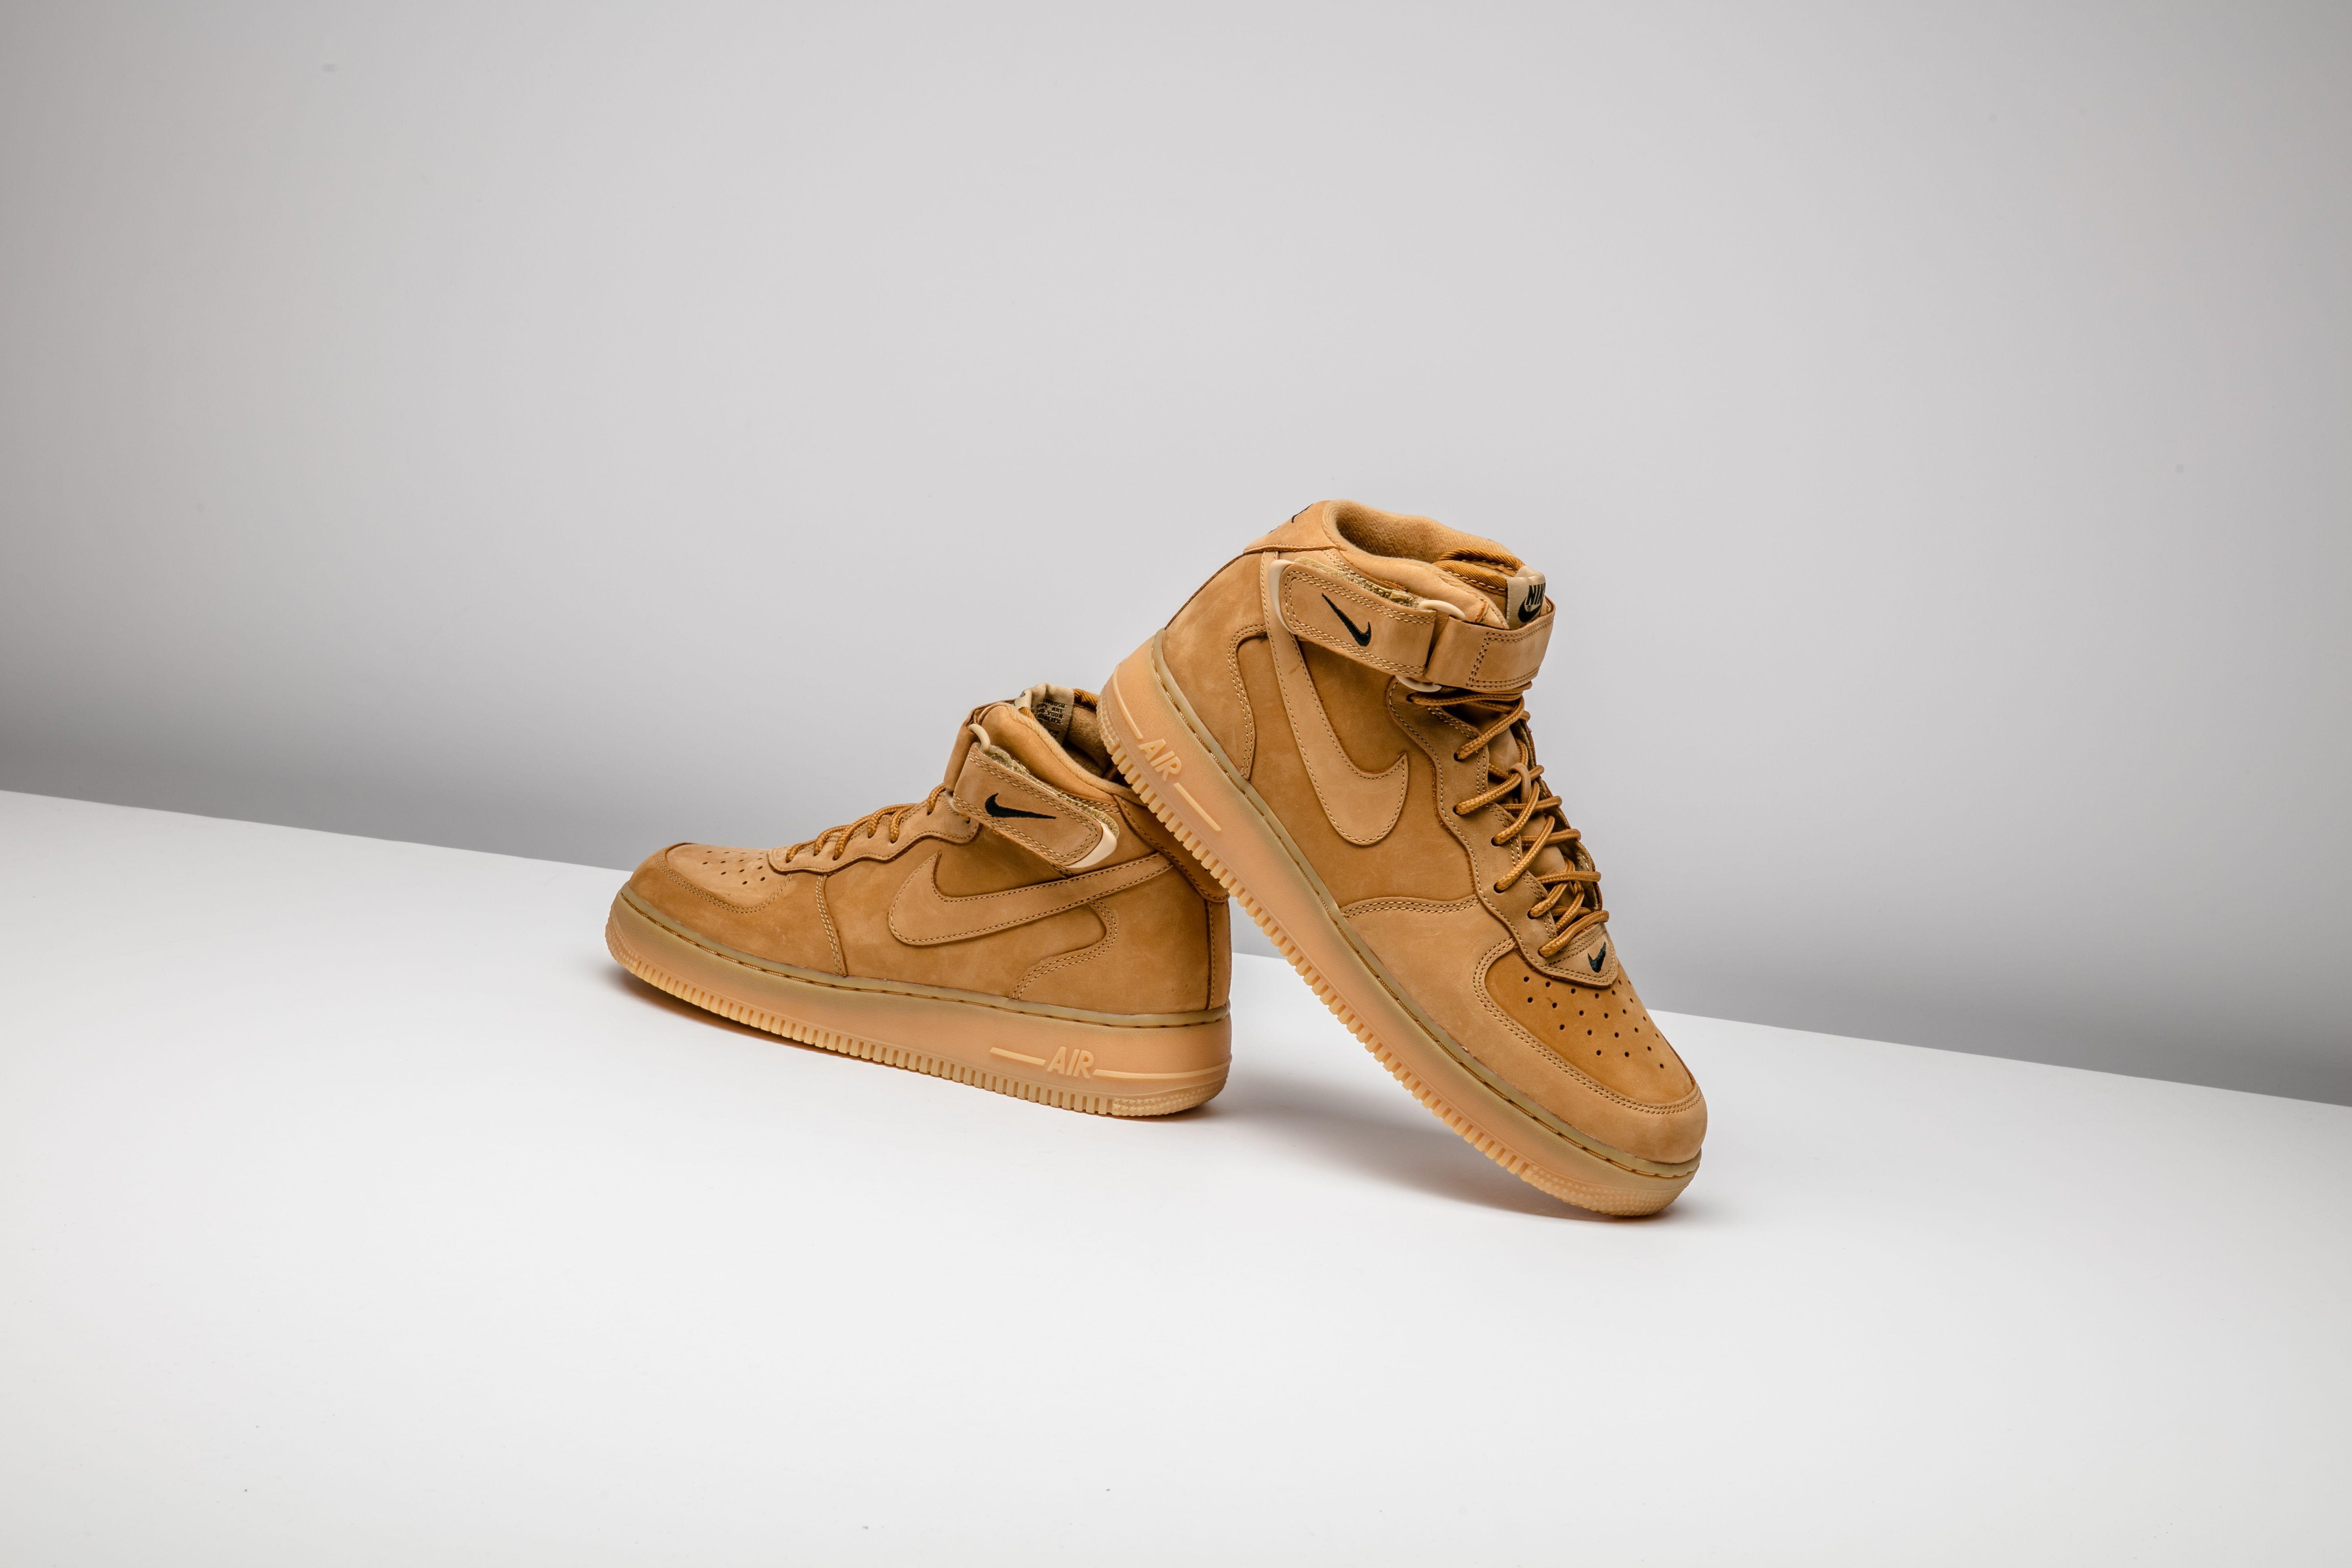 Nike Air Force 1 Mid 07 Prm Qs Flax 715889 200 Nike Air Air